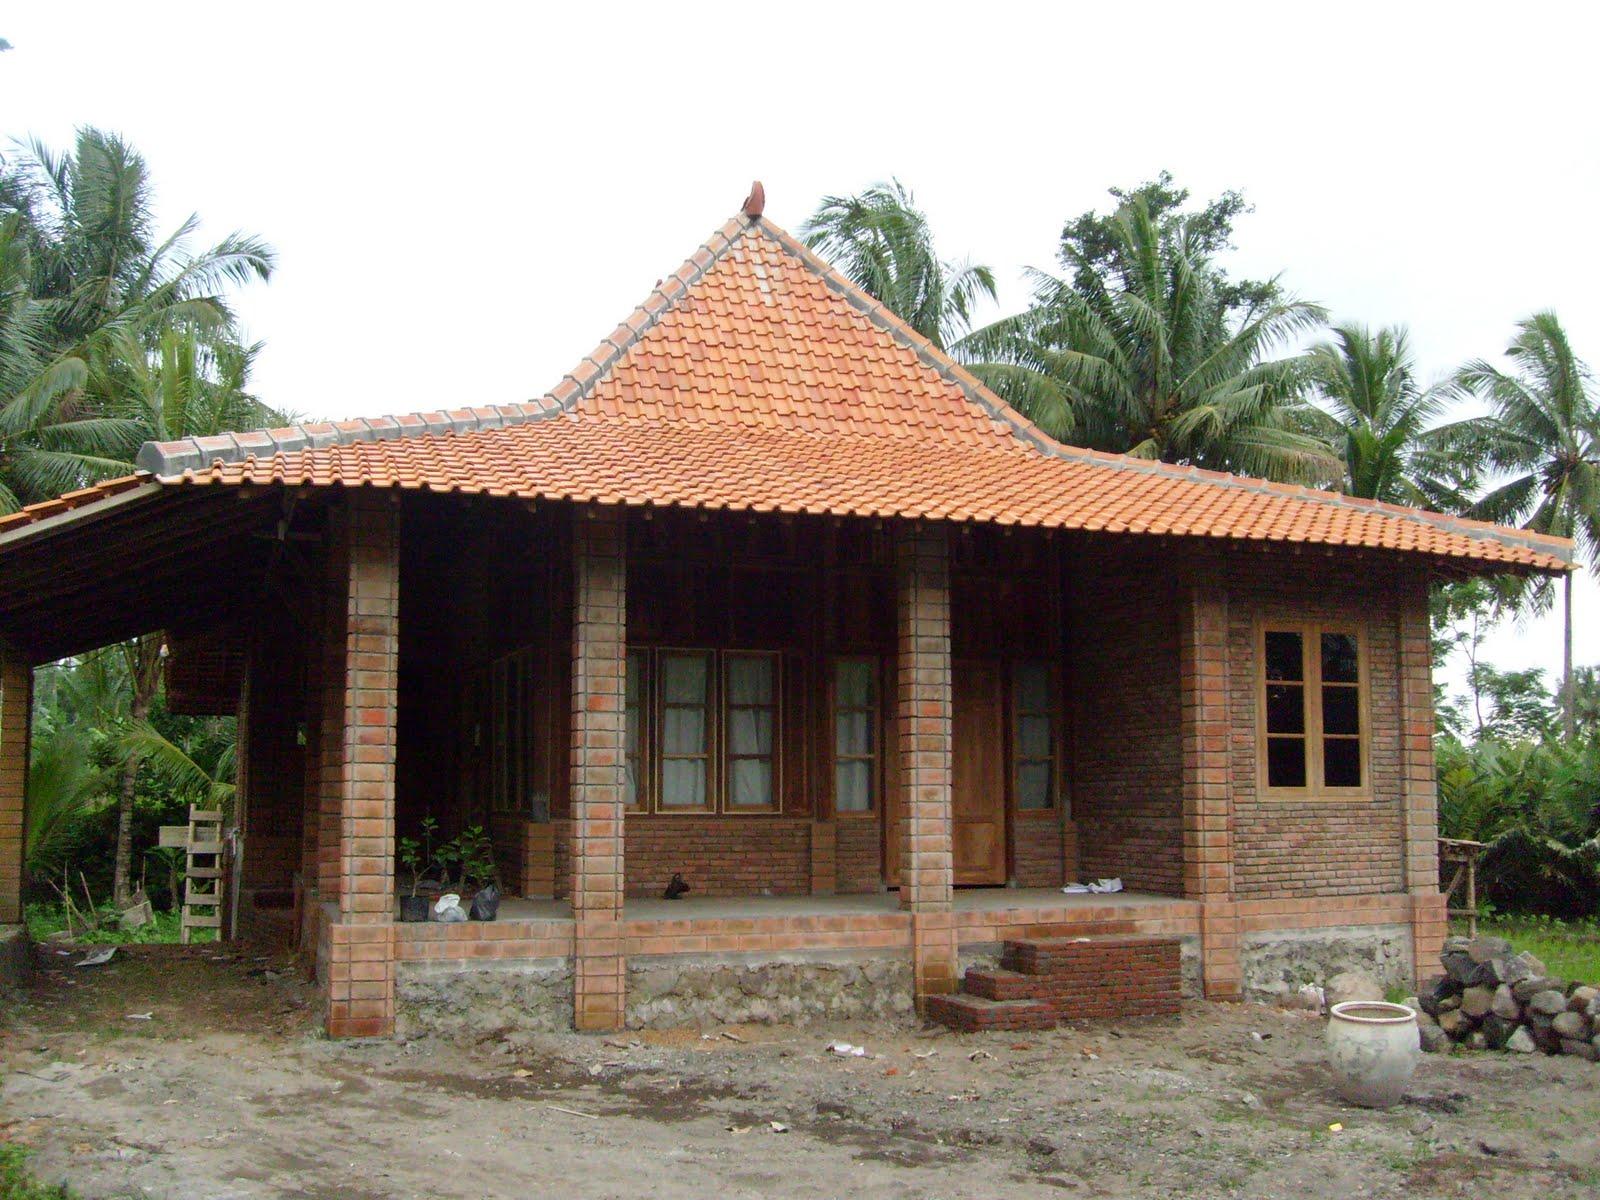 Mewah 21 Gambar Rumah Joglo Terbaru 83 Di Ide Renovasi Rumah dengan 21 Gambar Rumah Joglo Terbaru